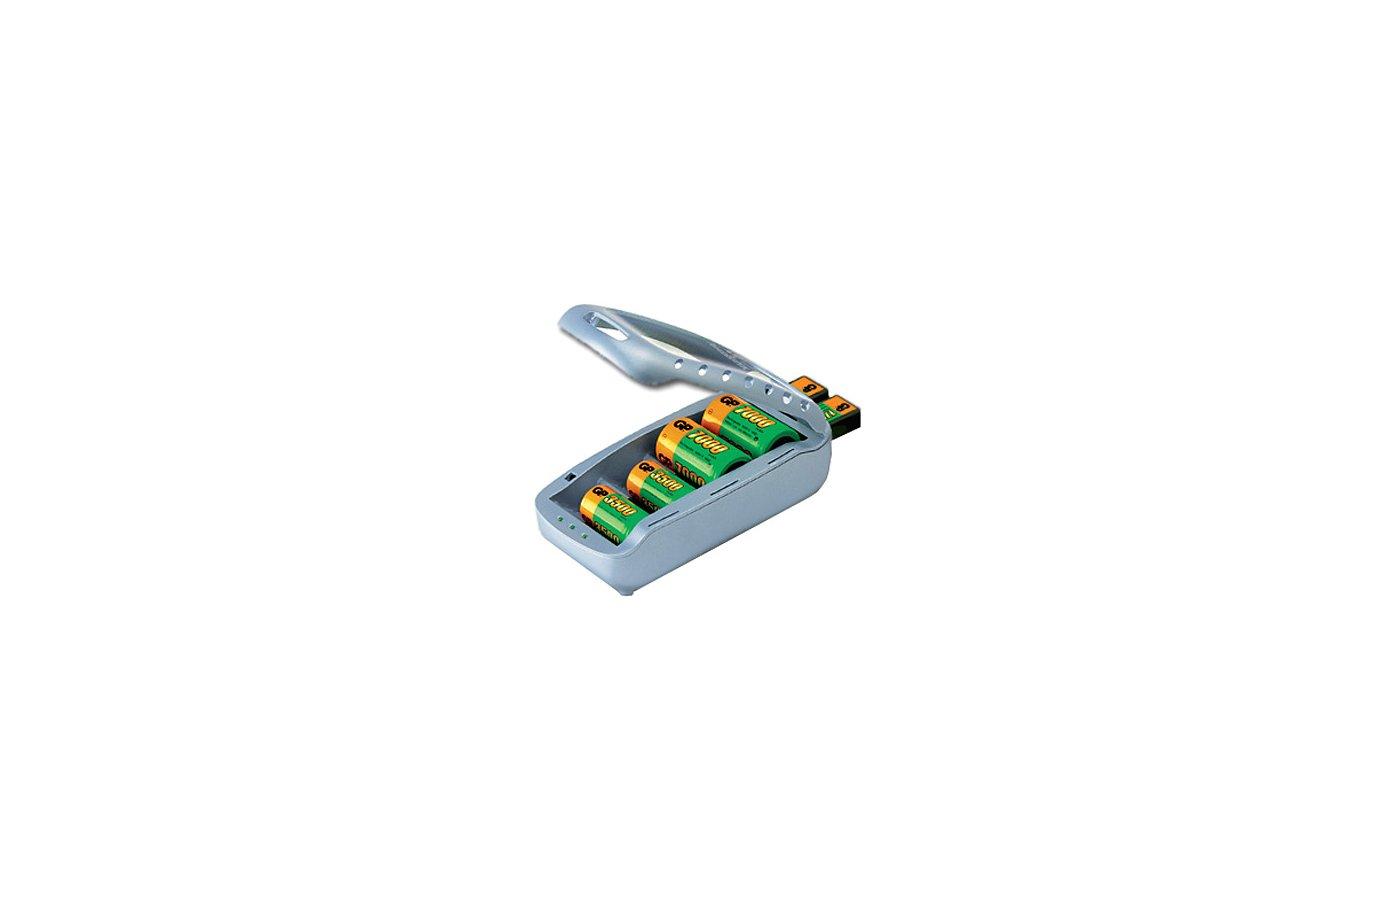 Зарядное устройство GP PB19GS-C1 для 4xAA/4xAAA/4xC/4xD/2x9V